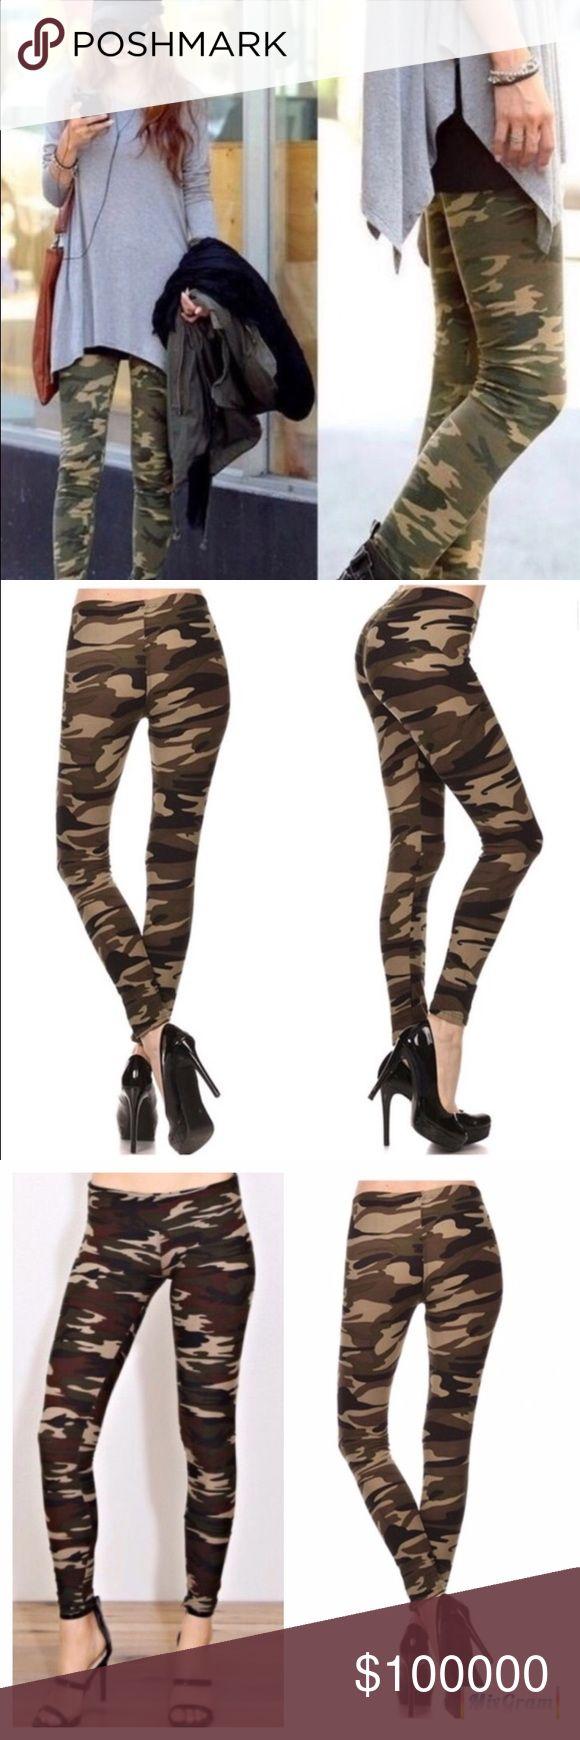 Coming Soon!! Coming Soon!!! Super Cute Camouflage Leggings! Pants Leggings